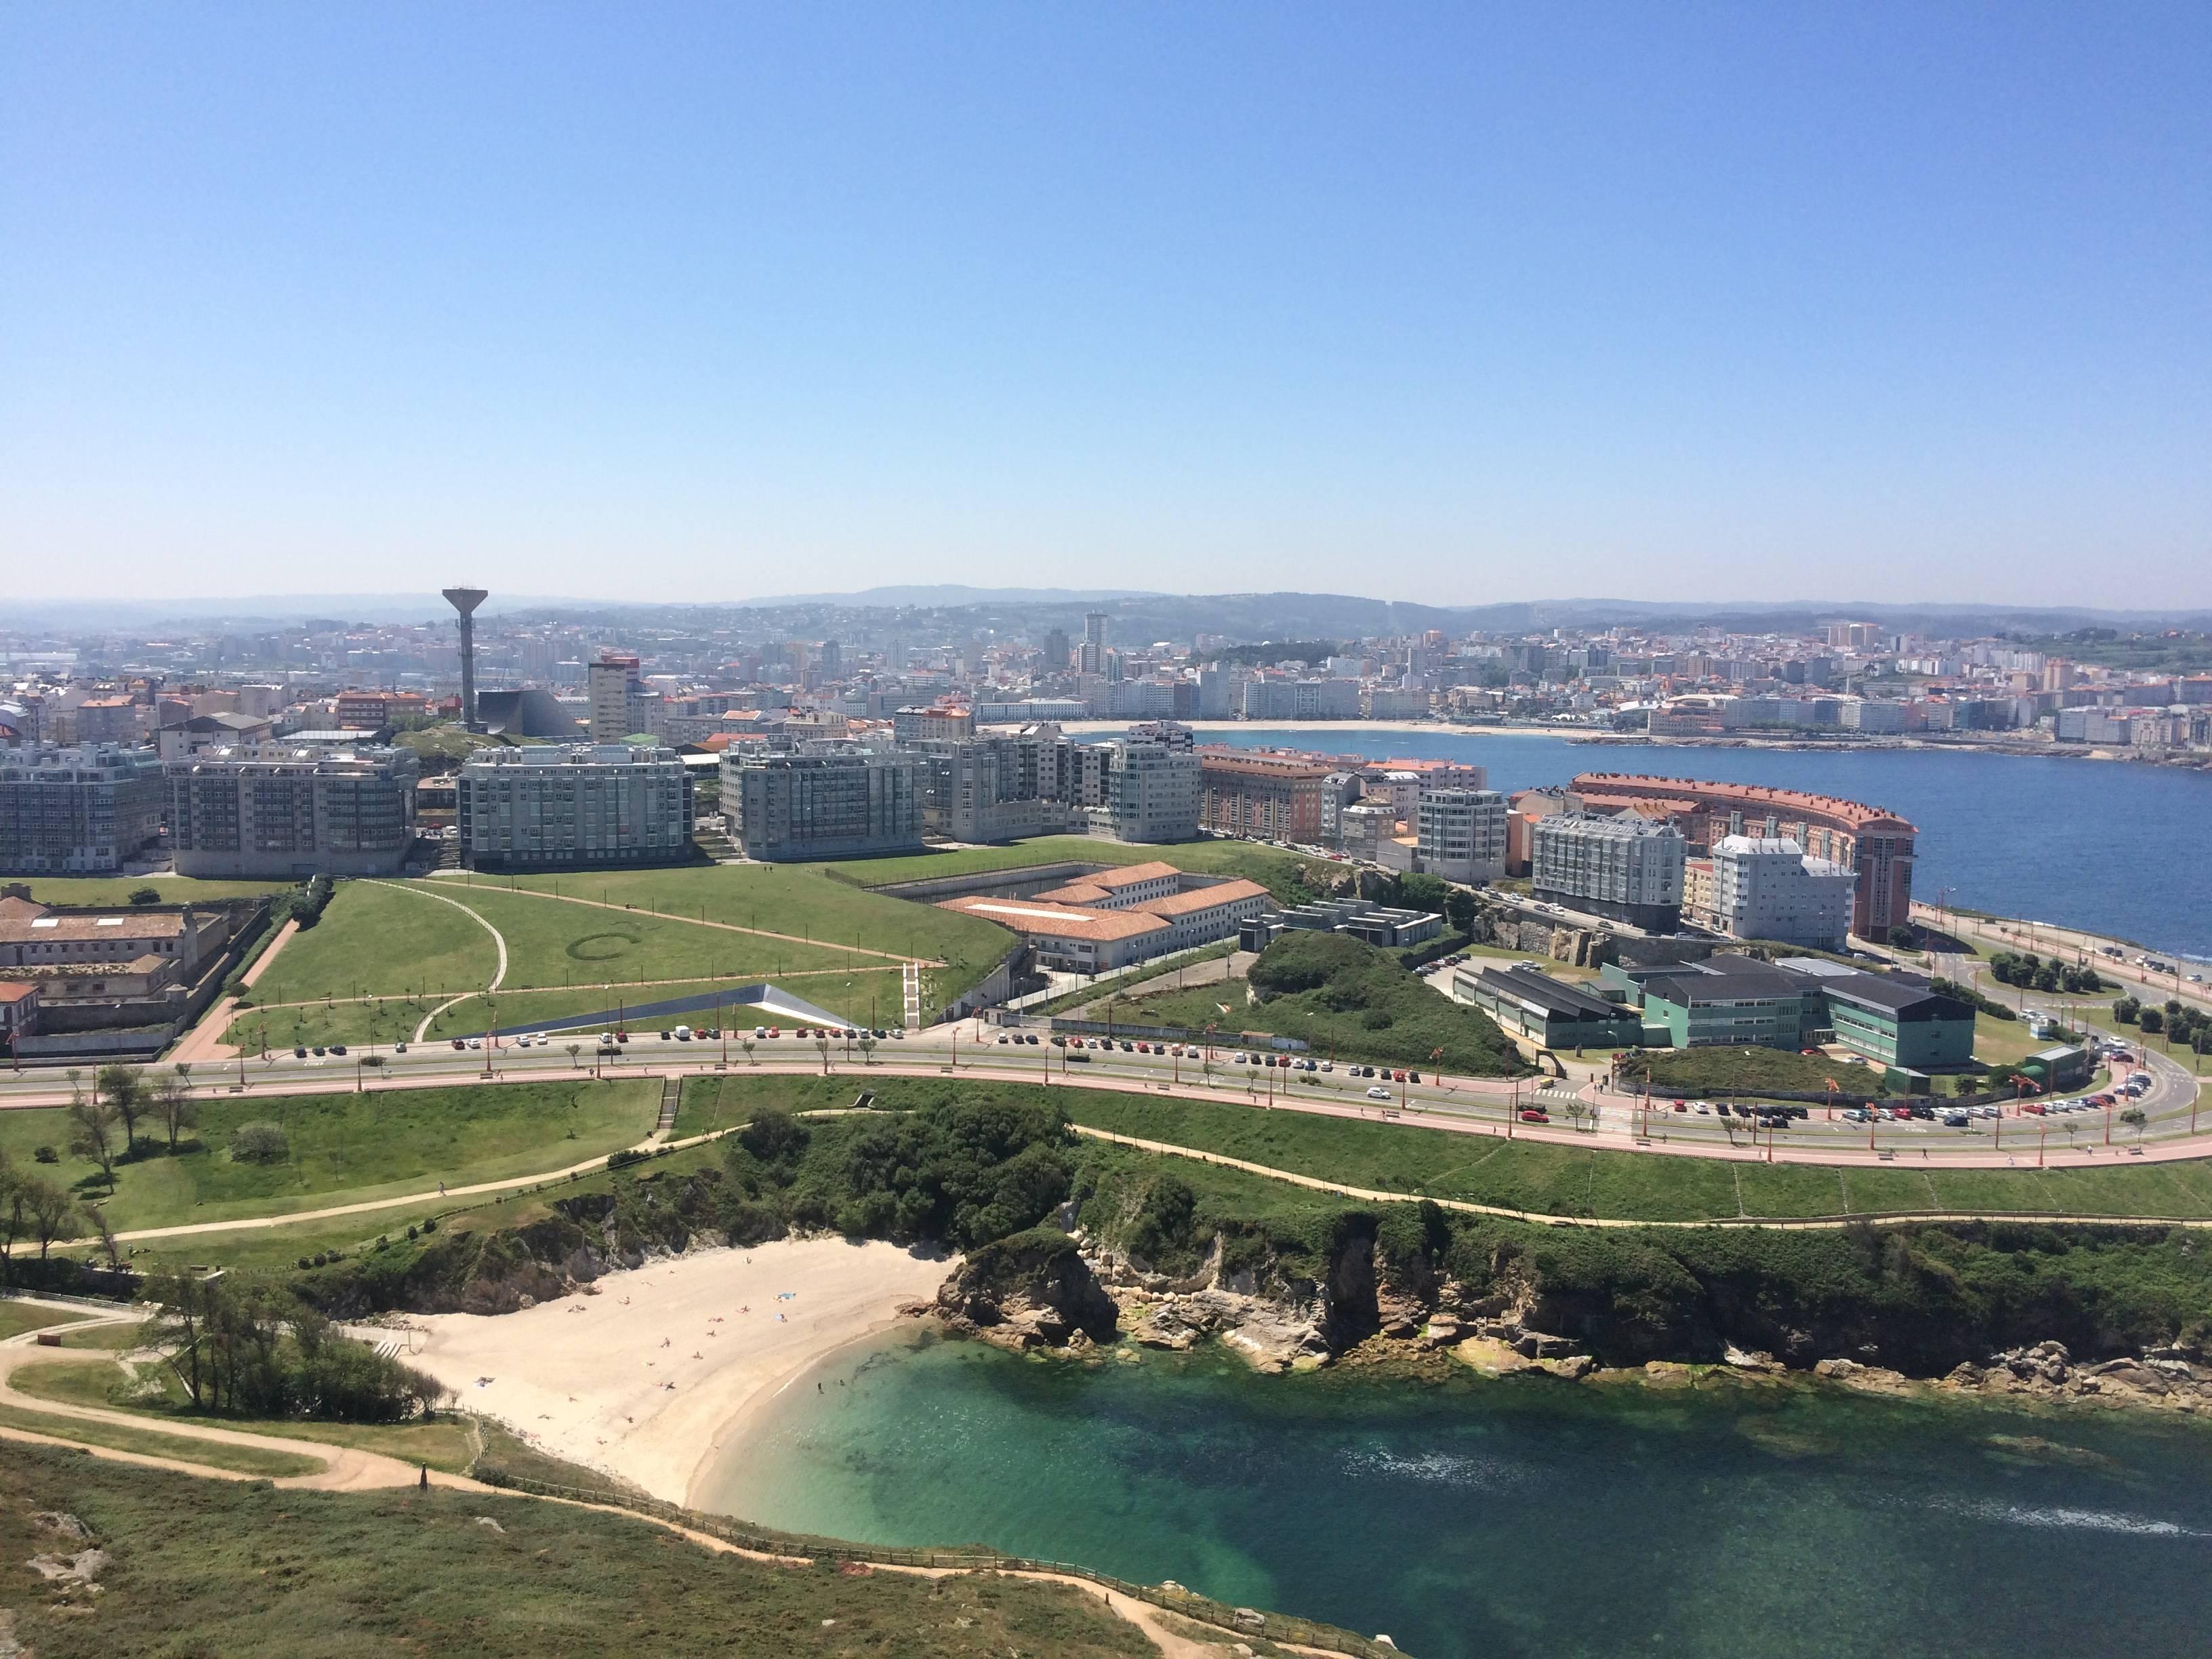 Photo 3: Tour d'hercules A Coruña